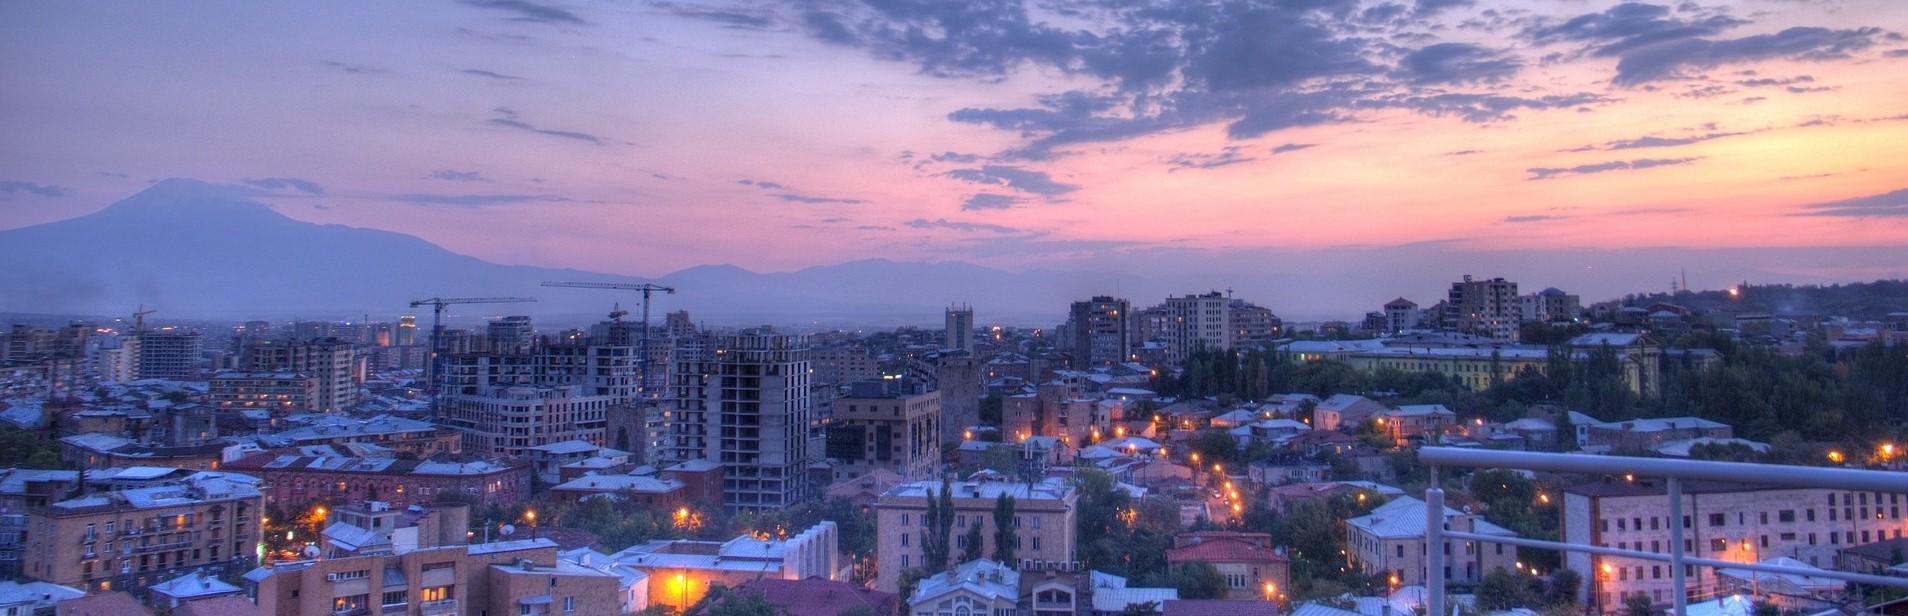 Explore Armenia 2020